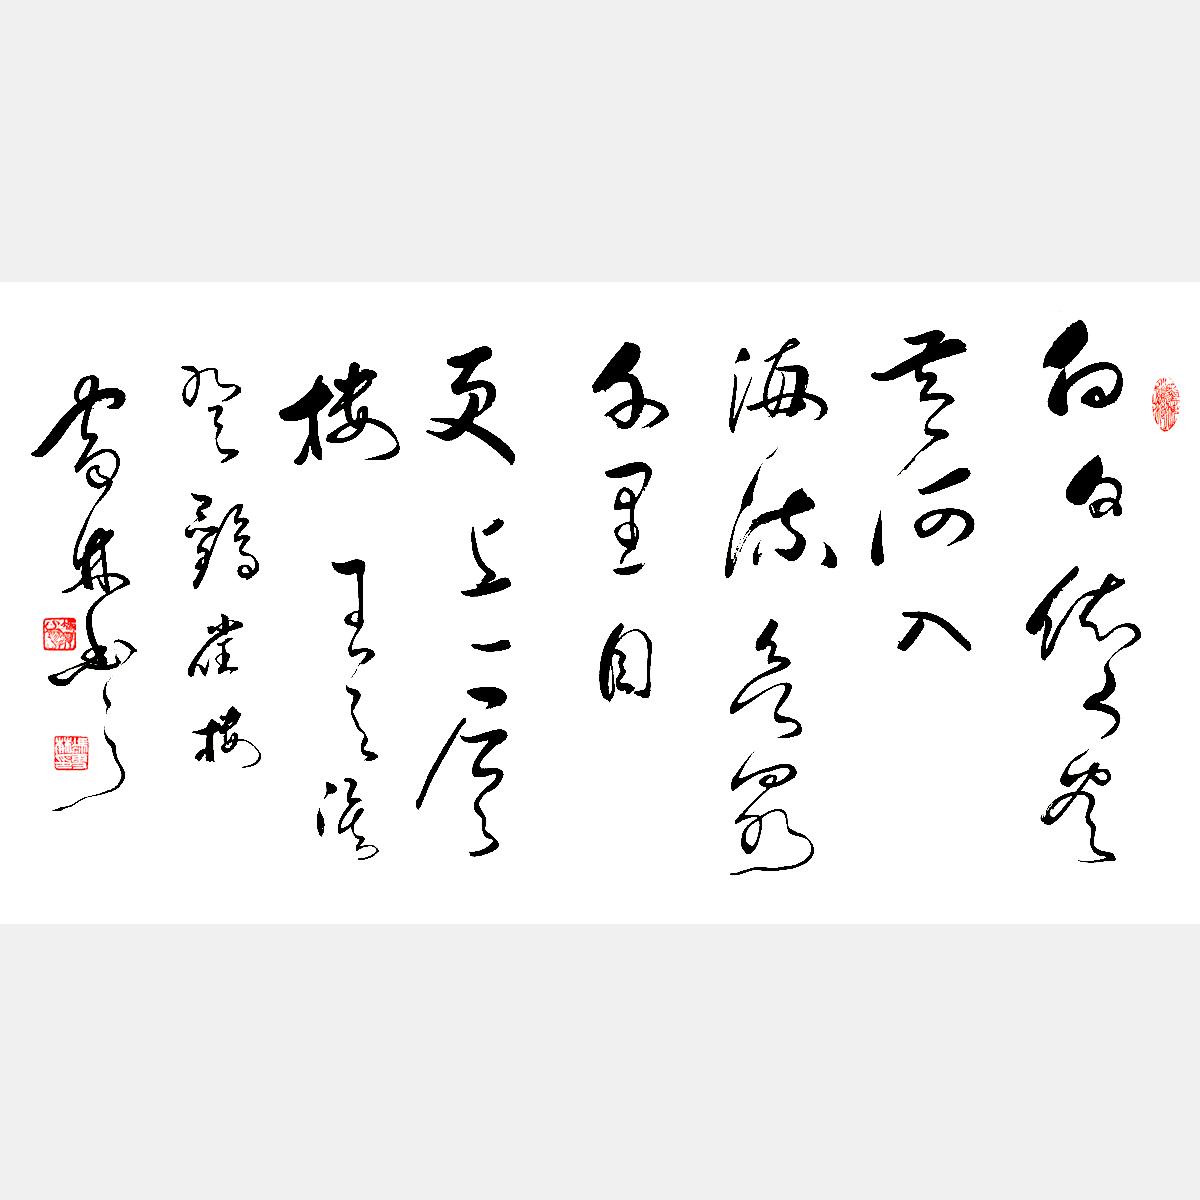 著名唐诗登鹳雀楼草书 王之涣登鹳雀楼书法作品 横幅字画